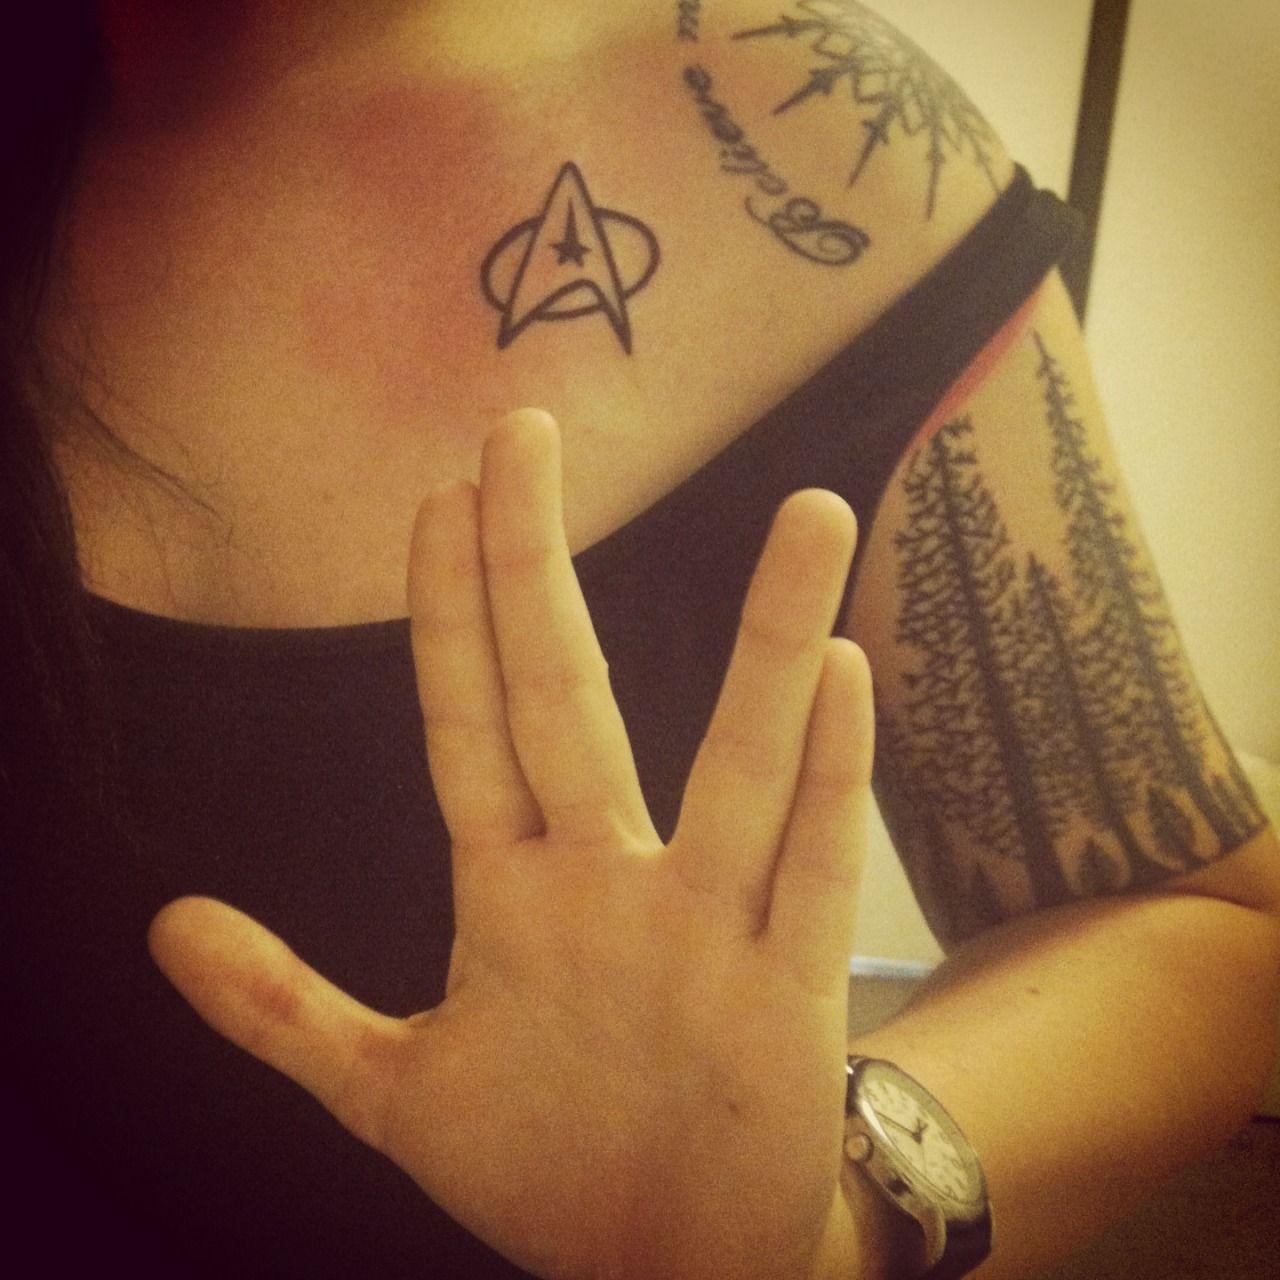 Pin by audrey on tats star trek tattoo cool tattoos